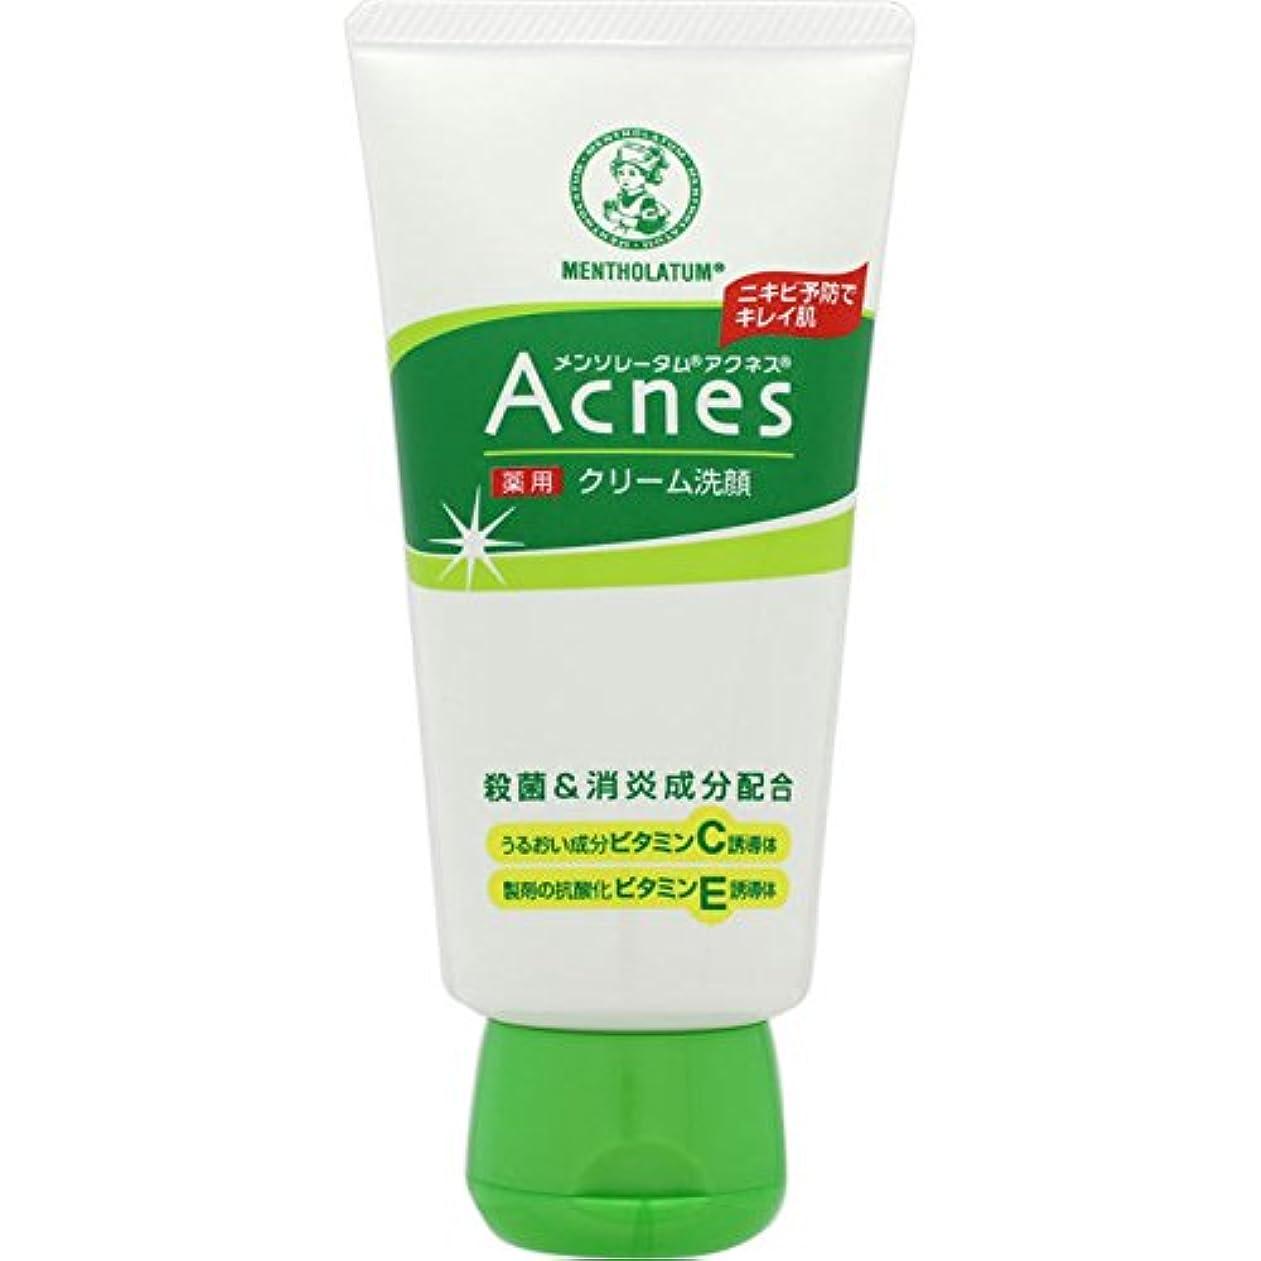 シュリンクグリース銛【医薬部外品】メンソレータム アクネス ニキビ予防薬用クリーム洗顔 130g